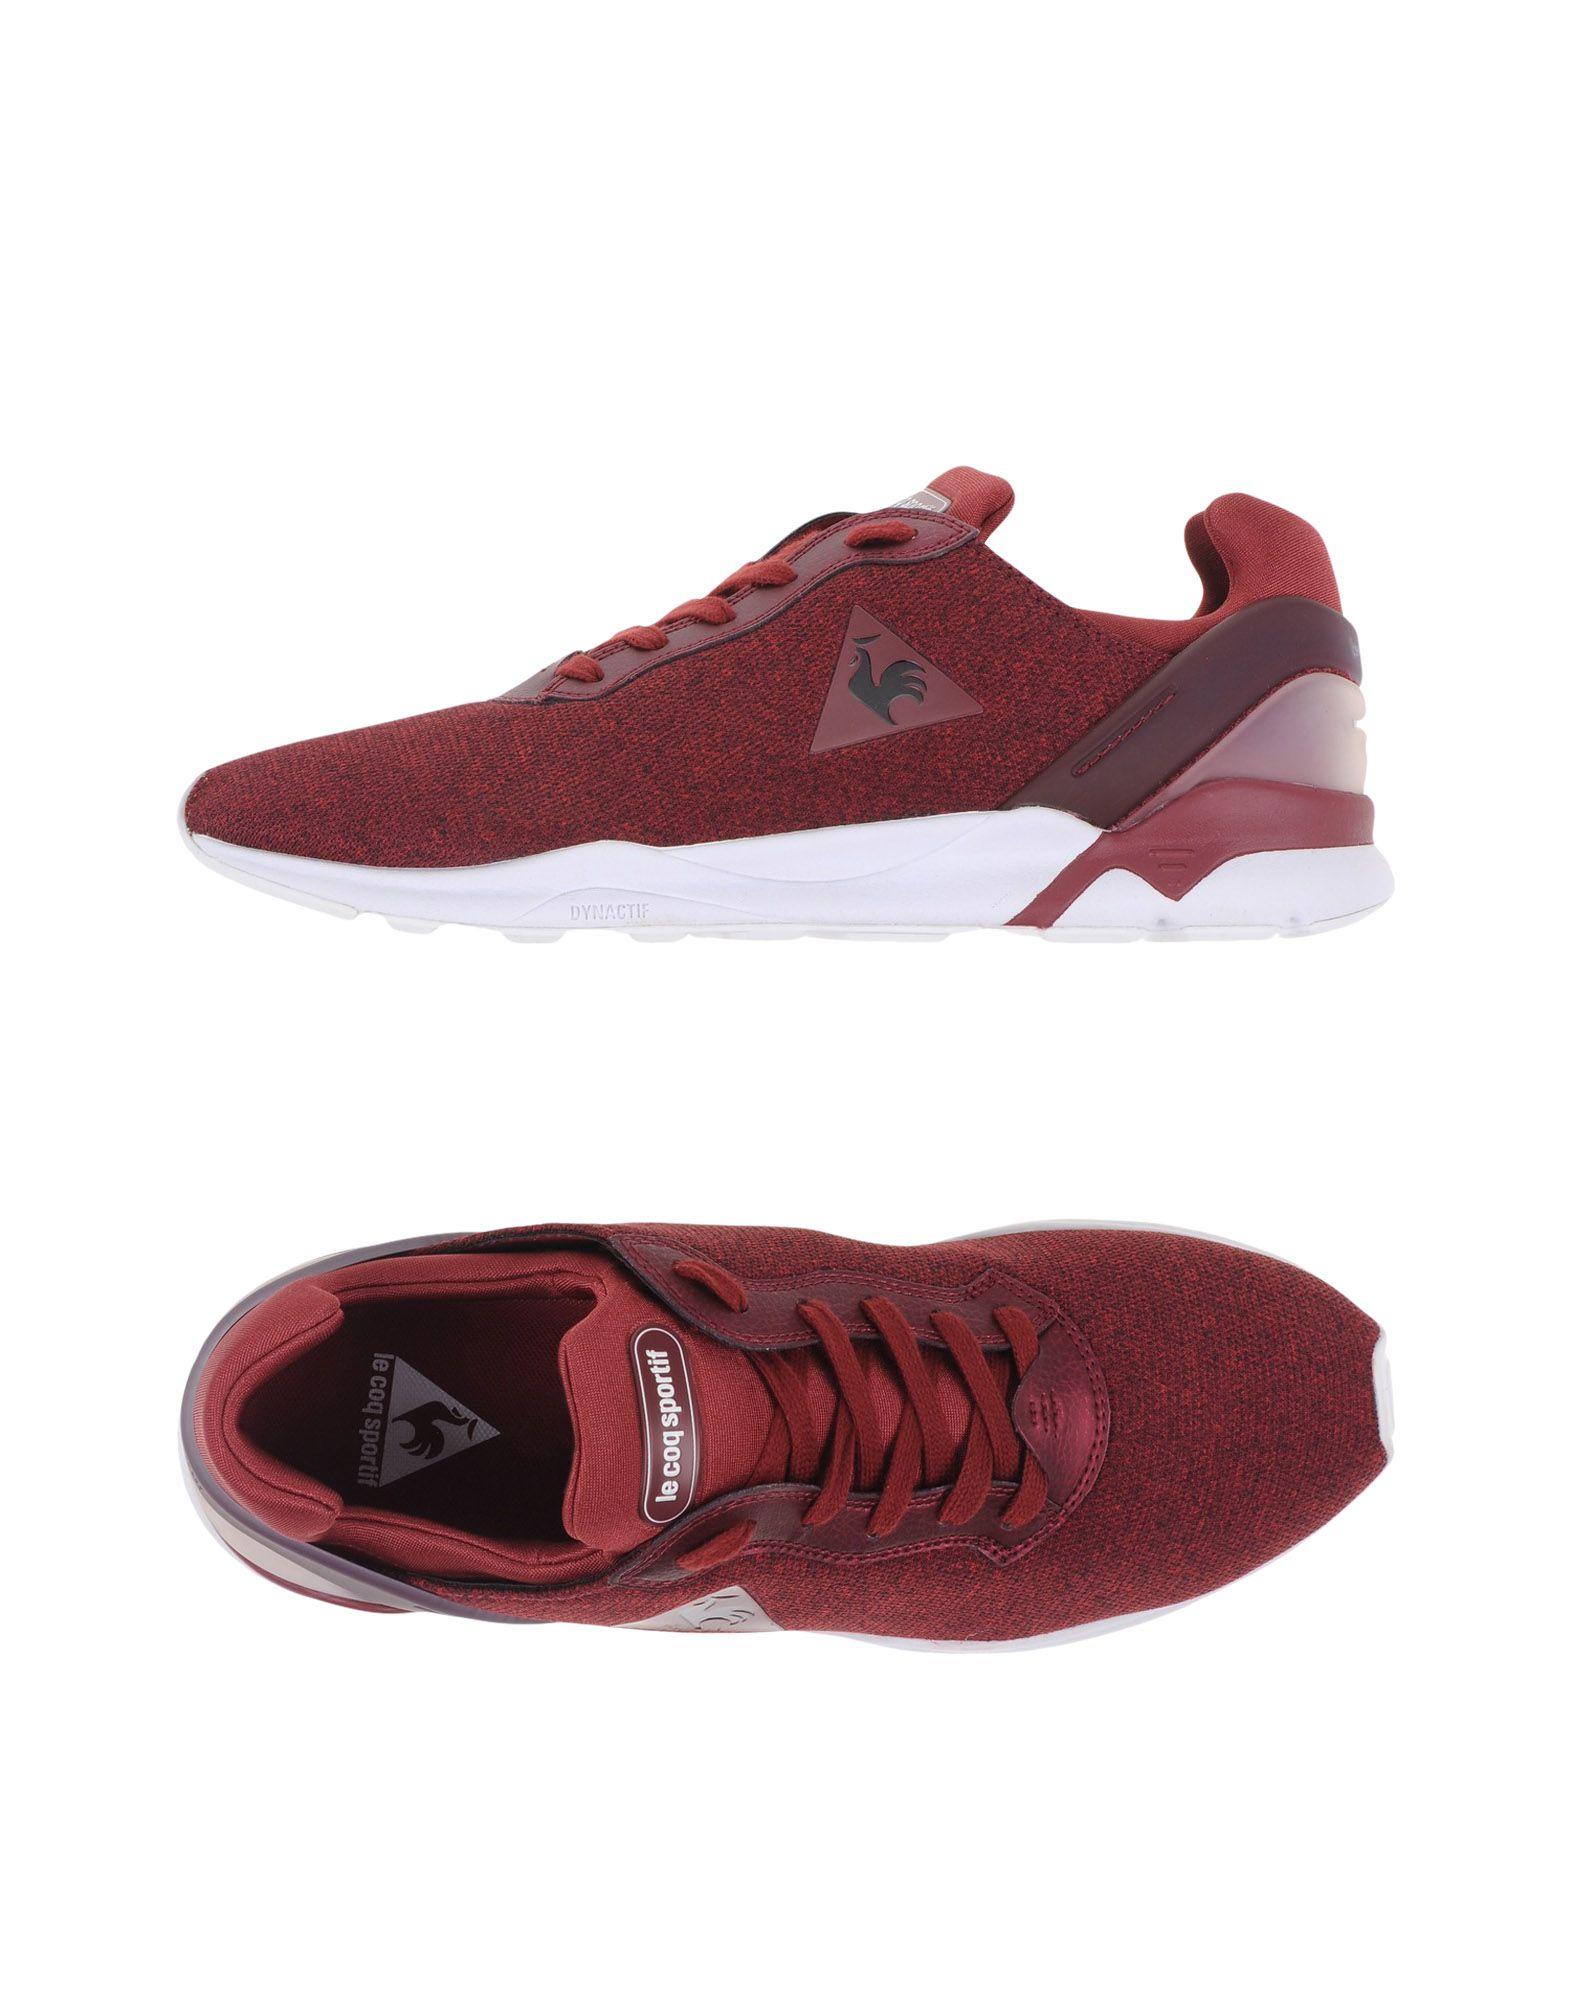 Sneakers Le Coq Sportif Lcs R Xvi Anodized - Homme - Sneakers Le Coq Sportif sur